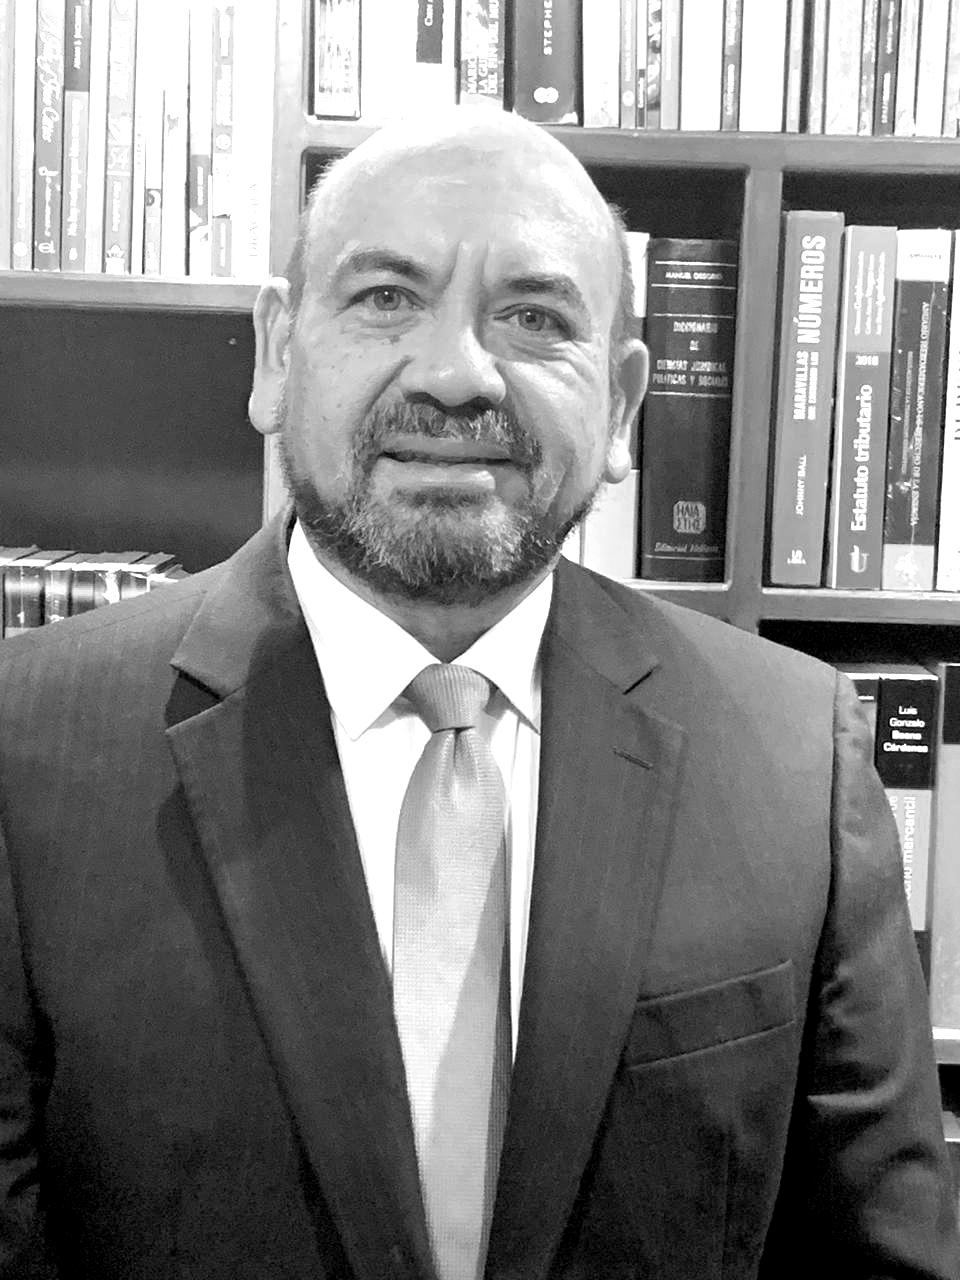 Aciertos y desaciertos de la Justicia virtual Por: Daniel Caicedo* | Columnistas | Opinión | EL FRENTE